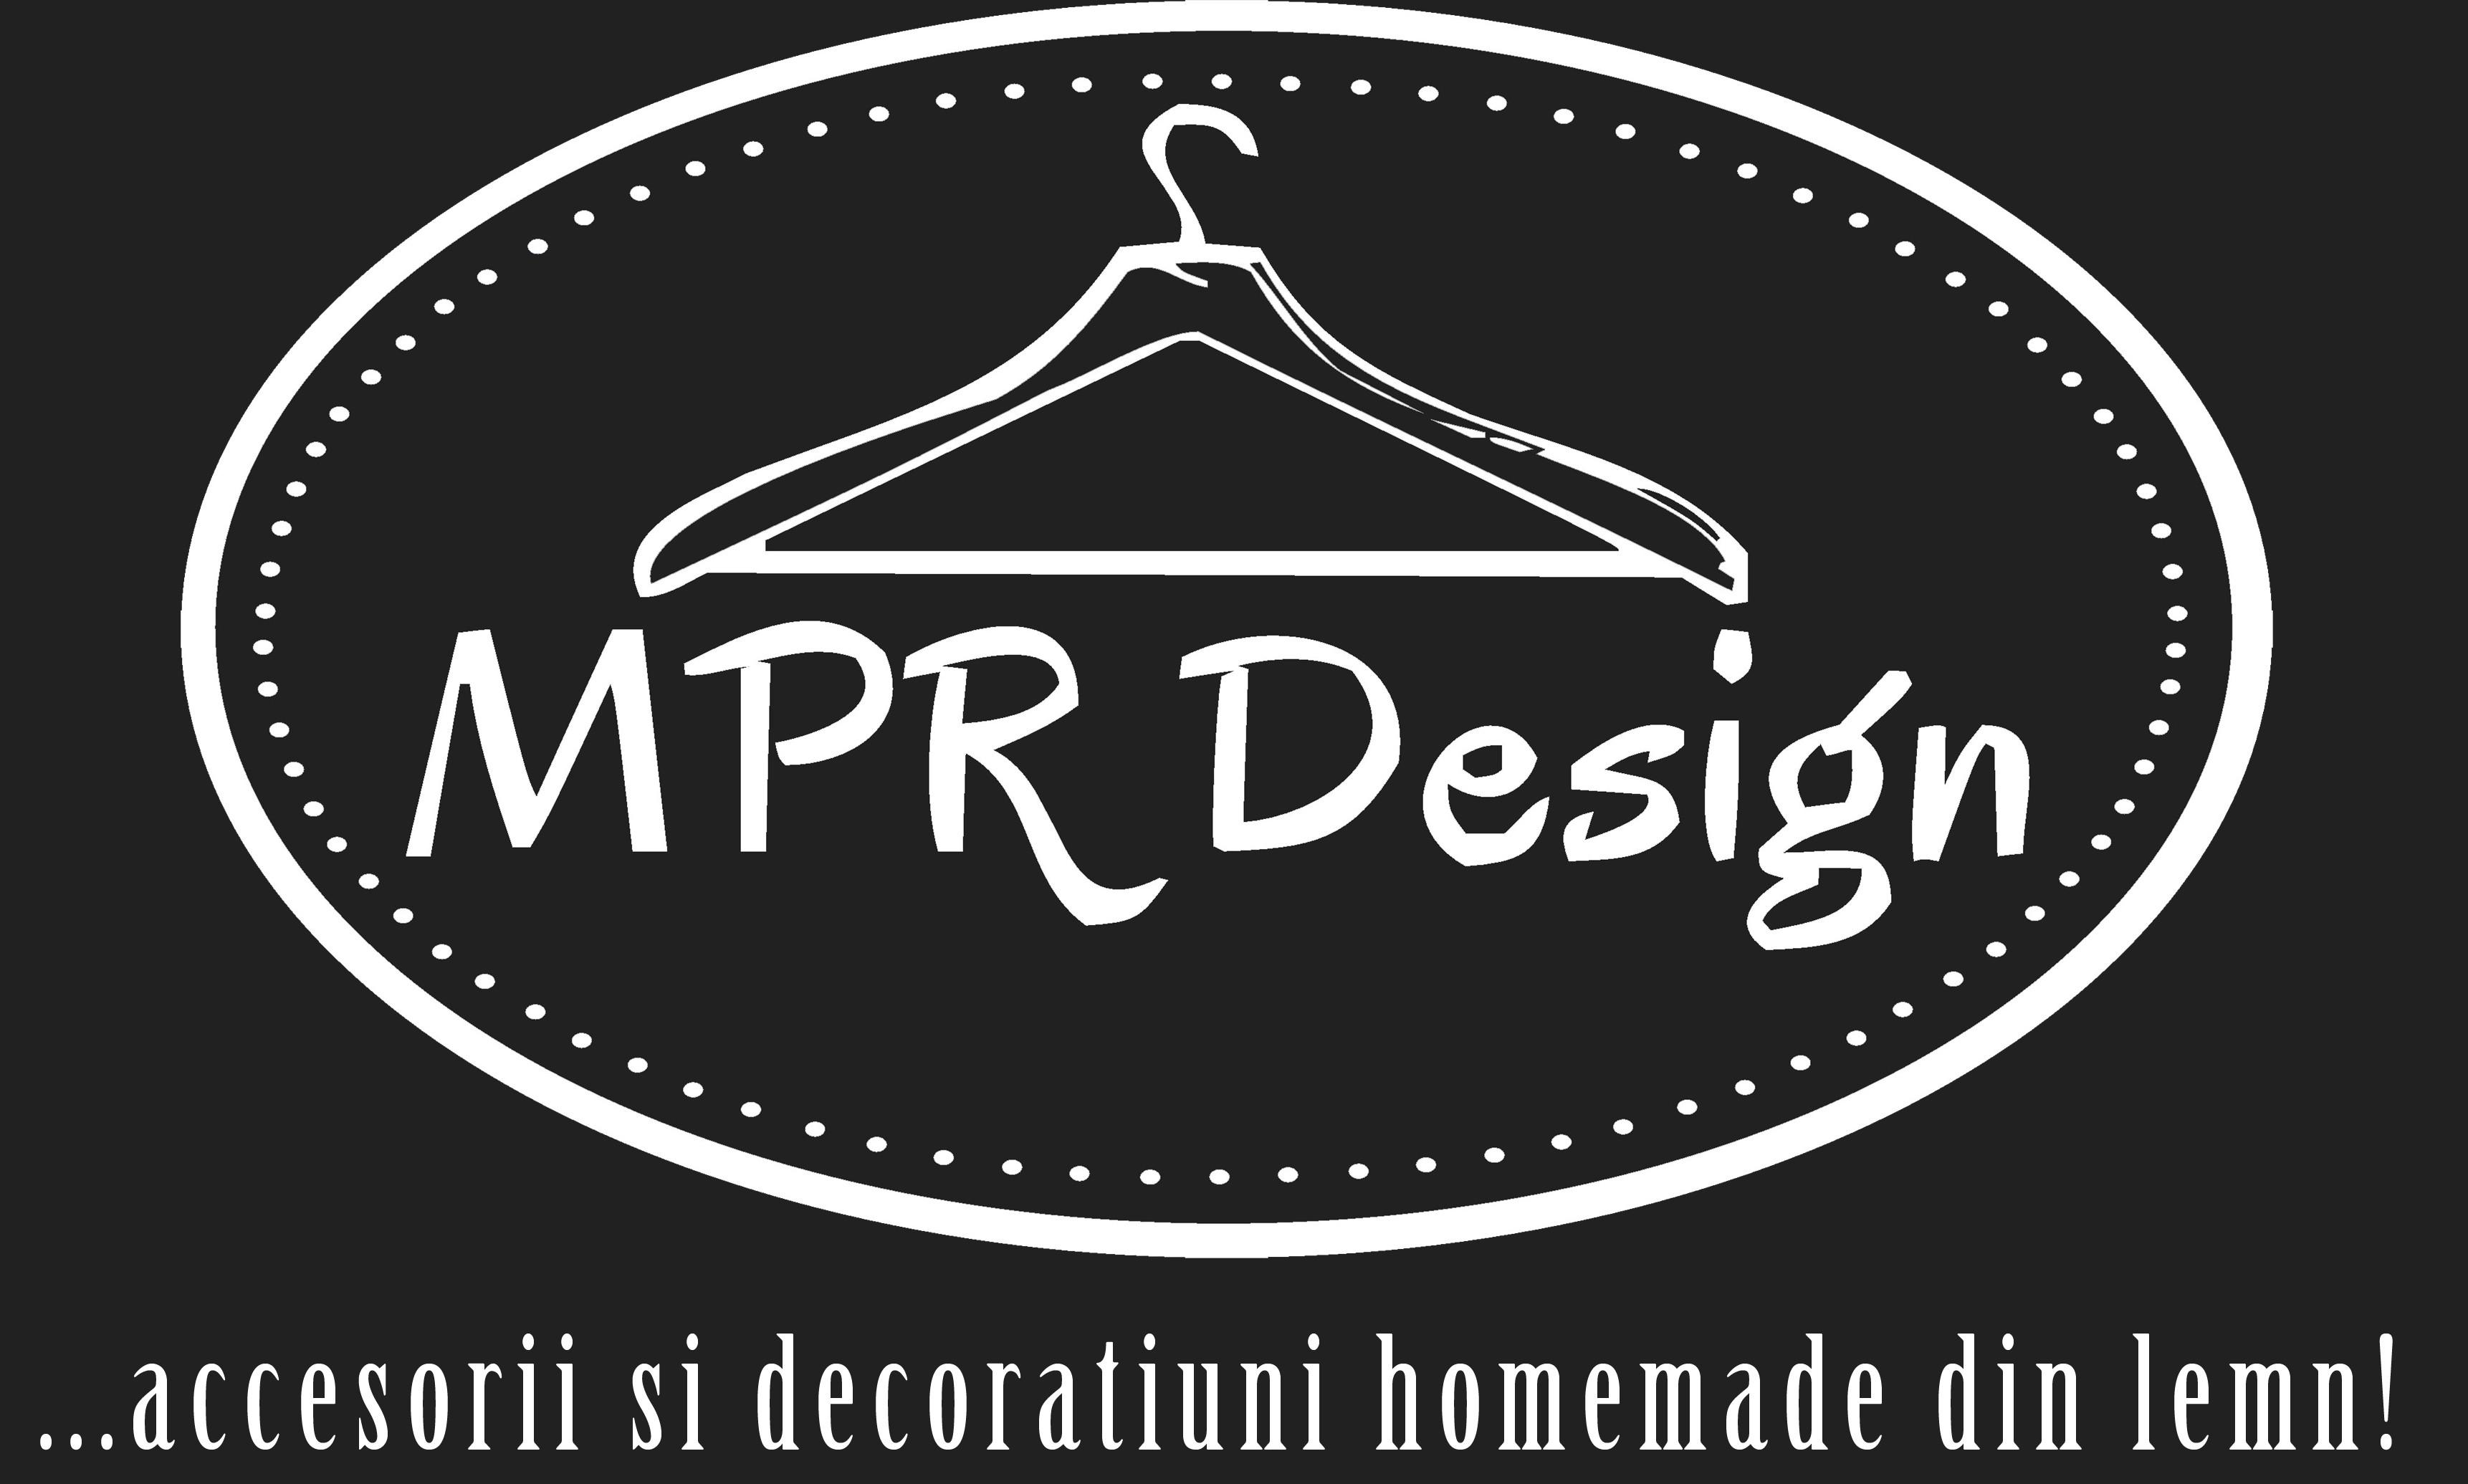 MPR Design